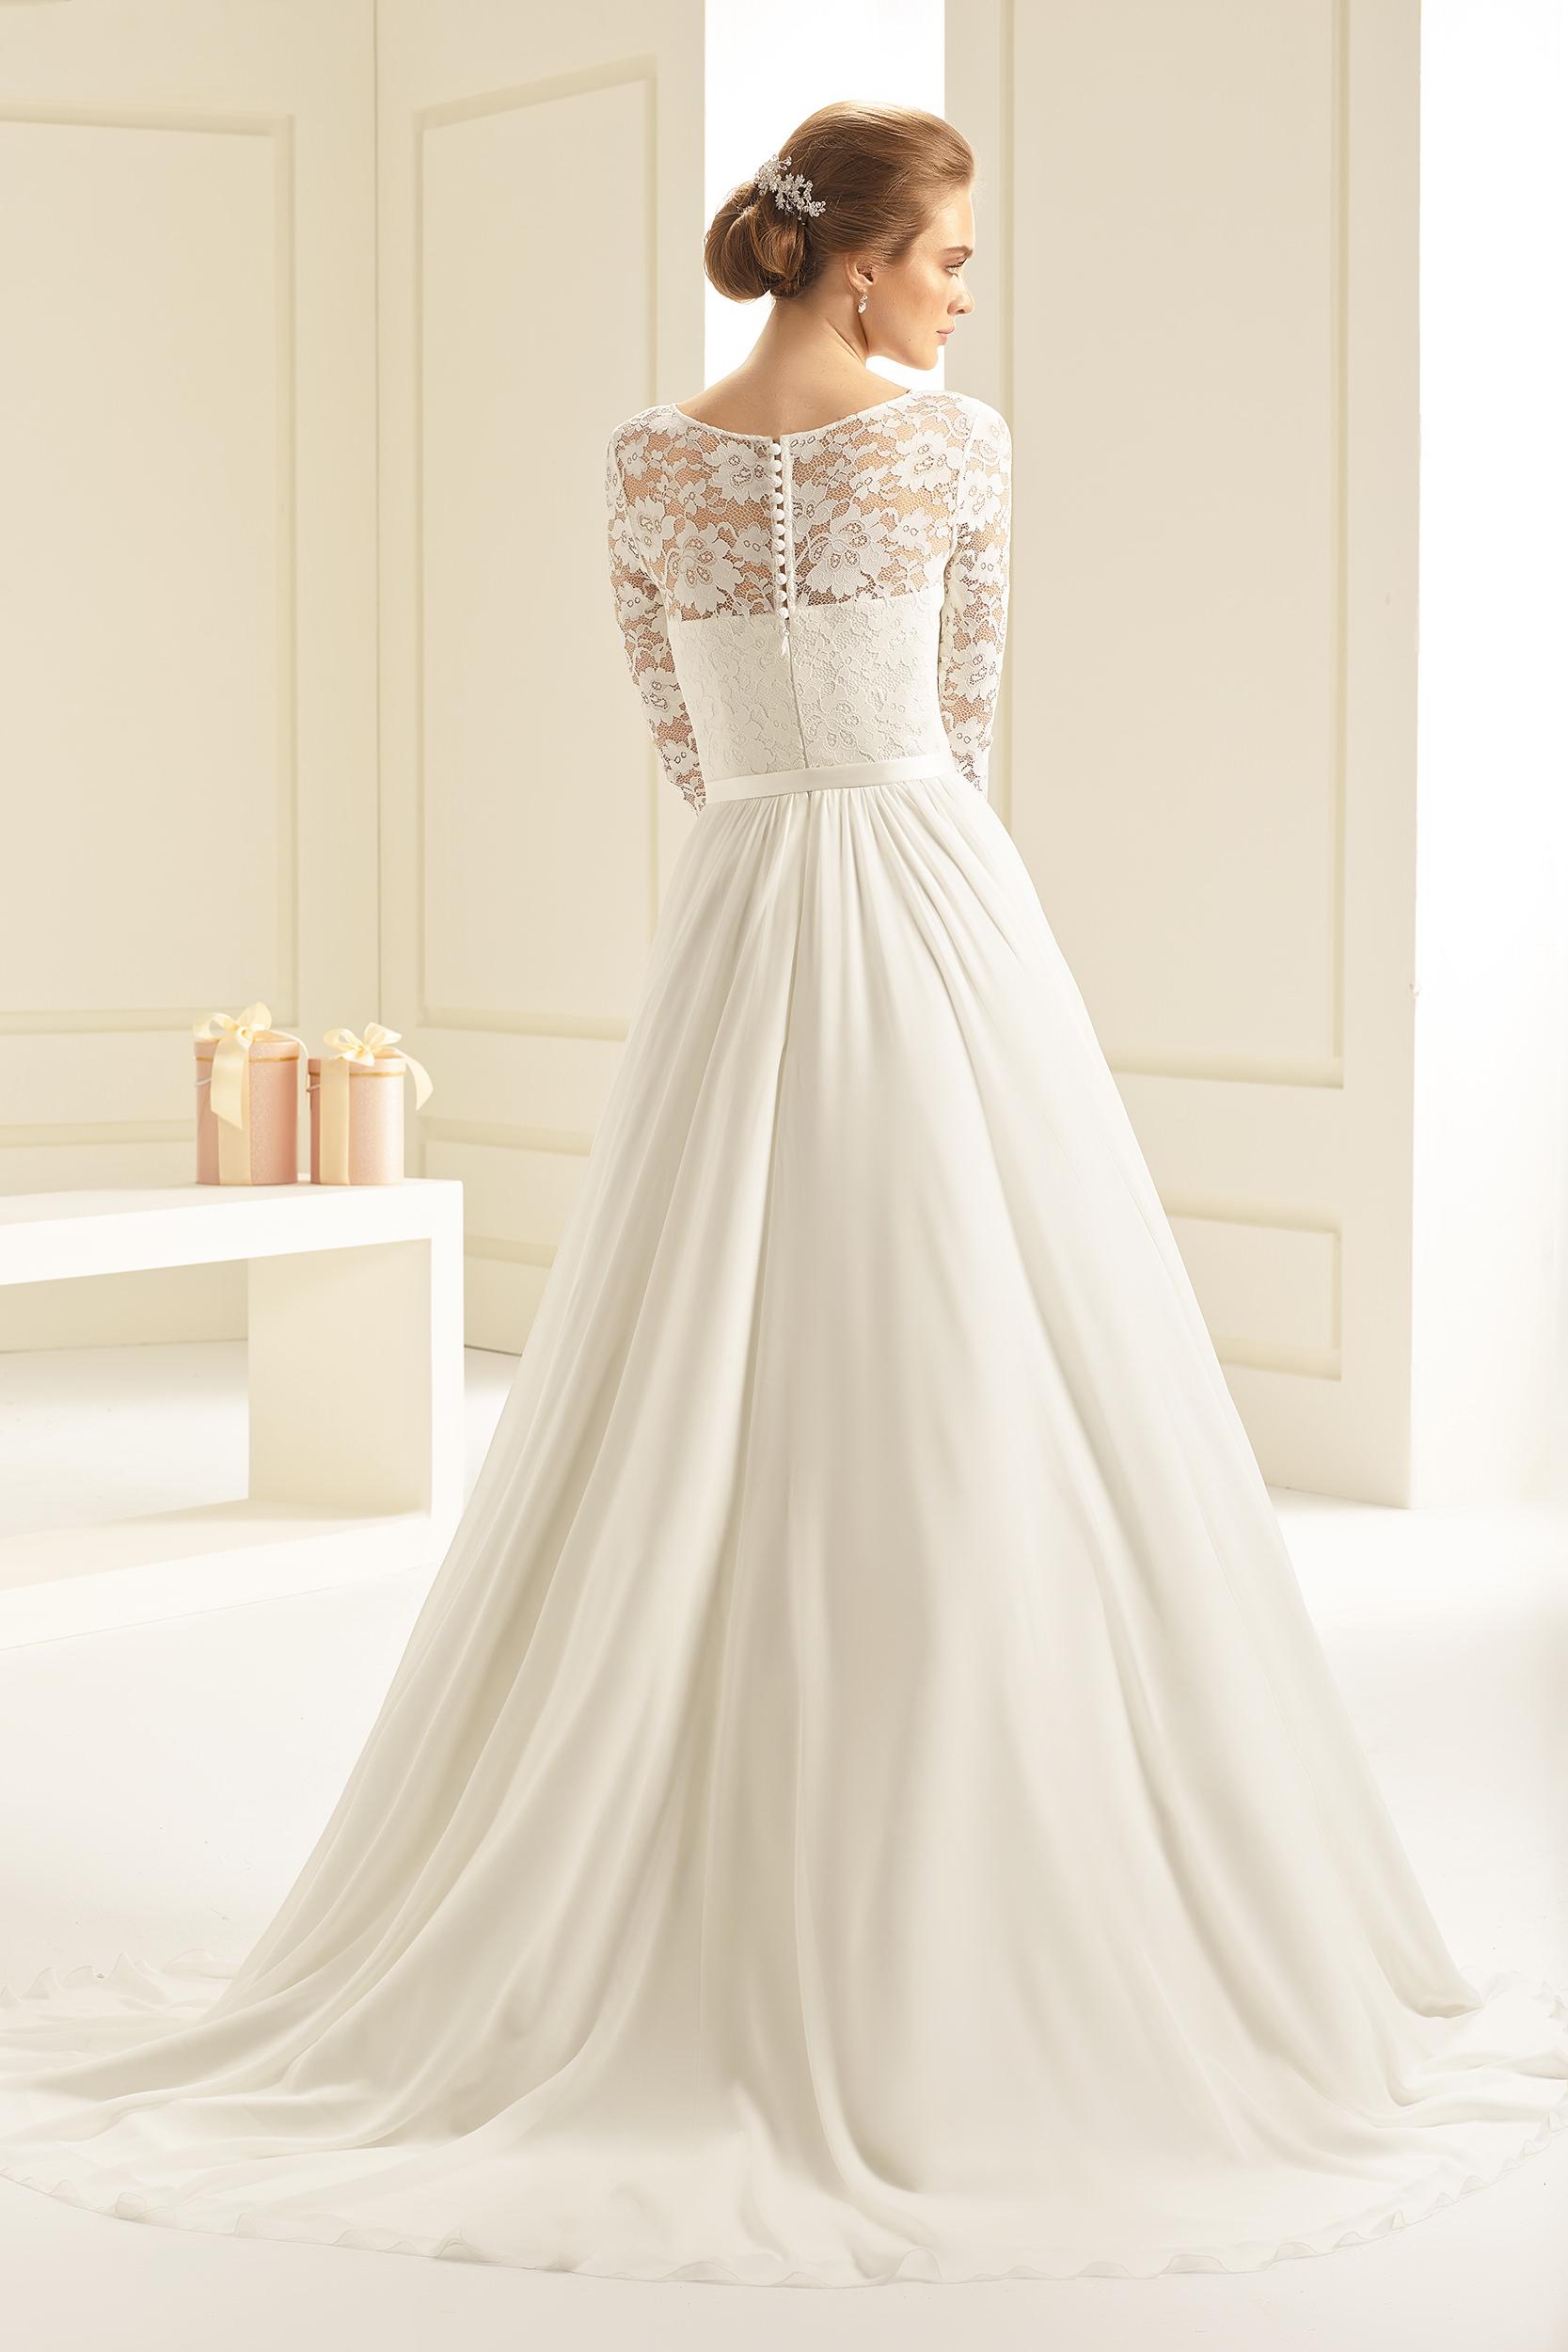 4deda460dbdf Brudklänning från Bianco Evento, Brudkjole, Brudklänning i Spets,  brudklänning Chiffong, brudklänning i